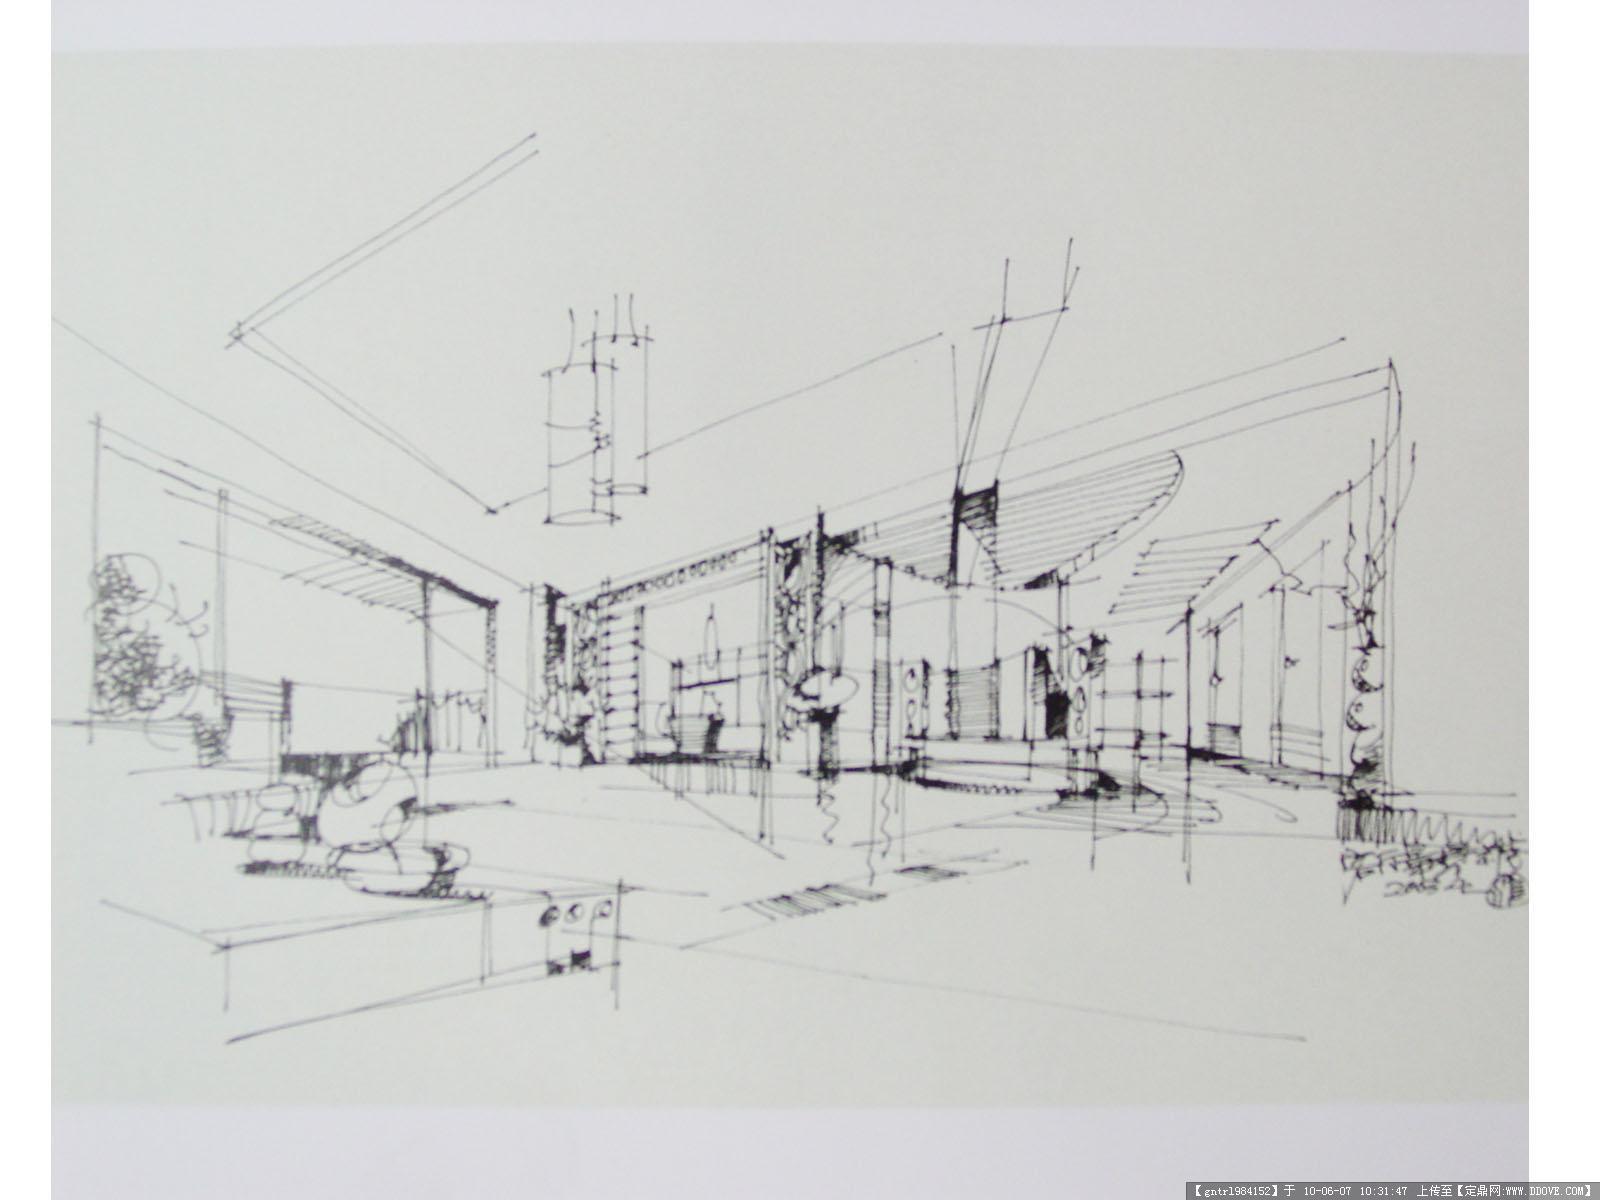 室内单个物体速写5; 手绘 训练图 欢迎大家参观 - 室内 手绘 - 绘世界